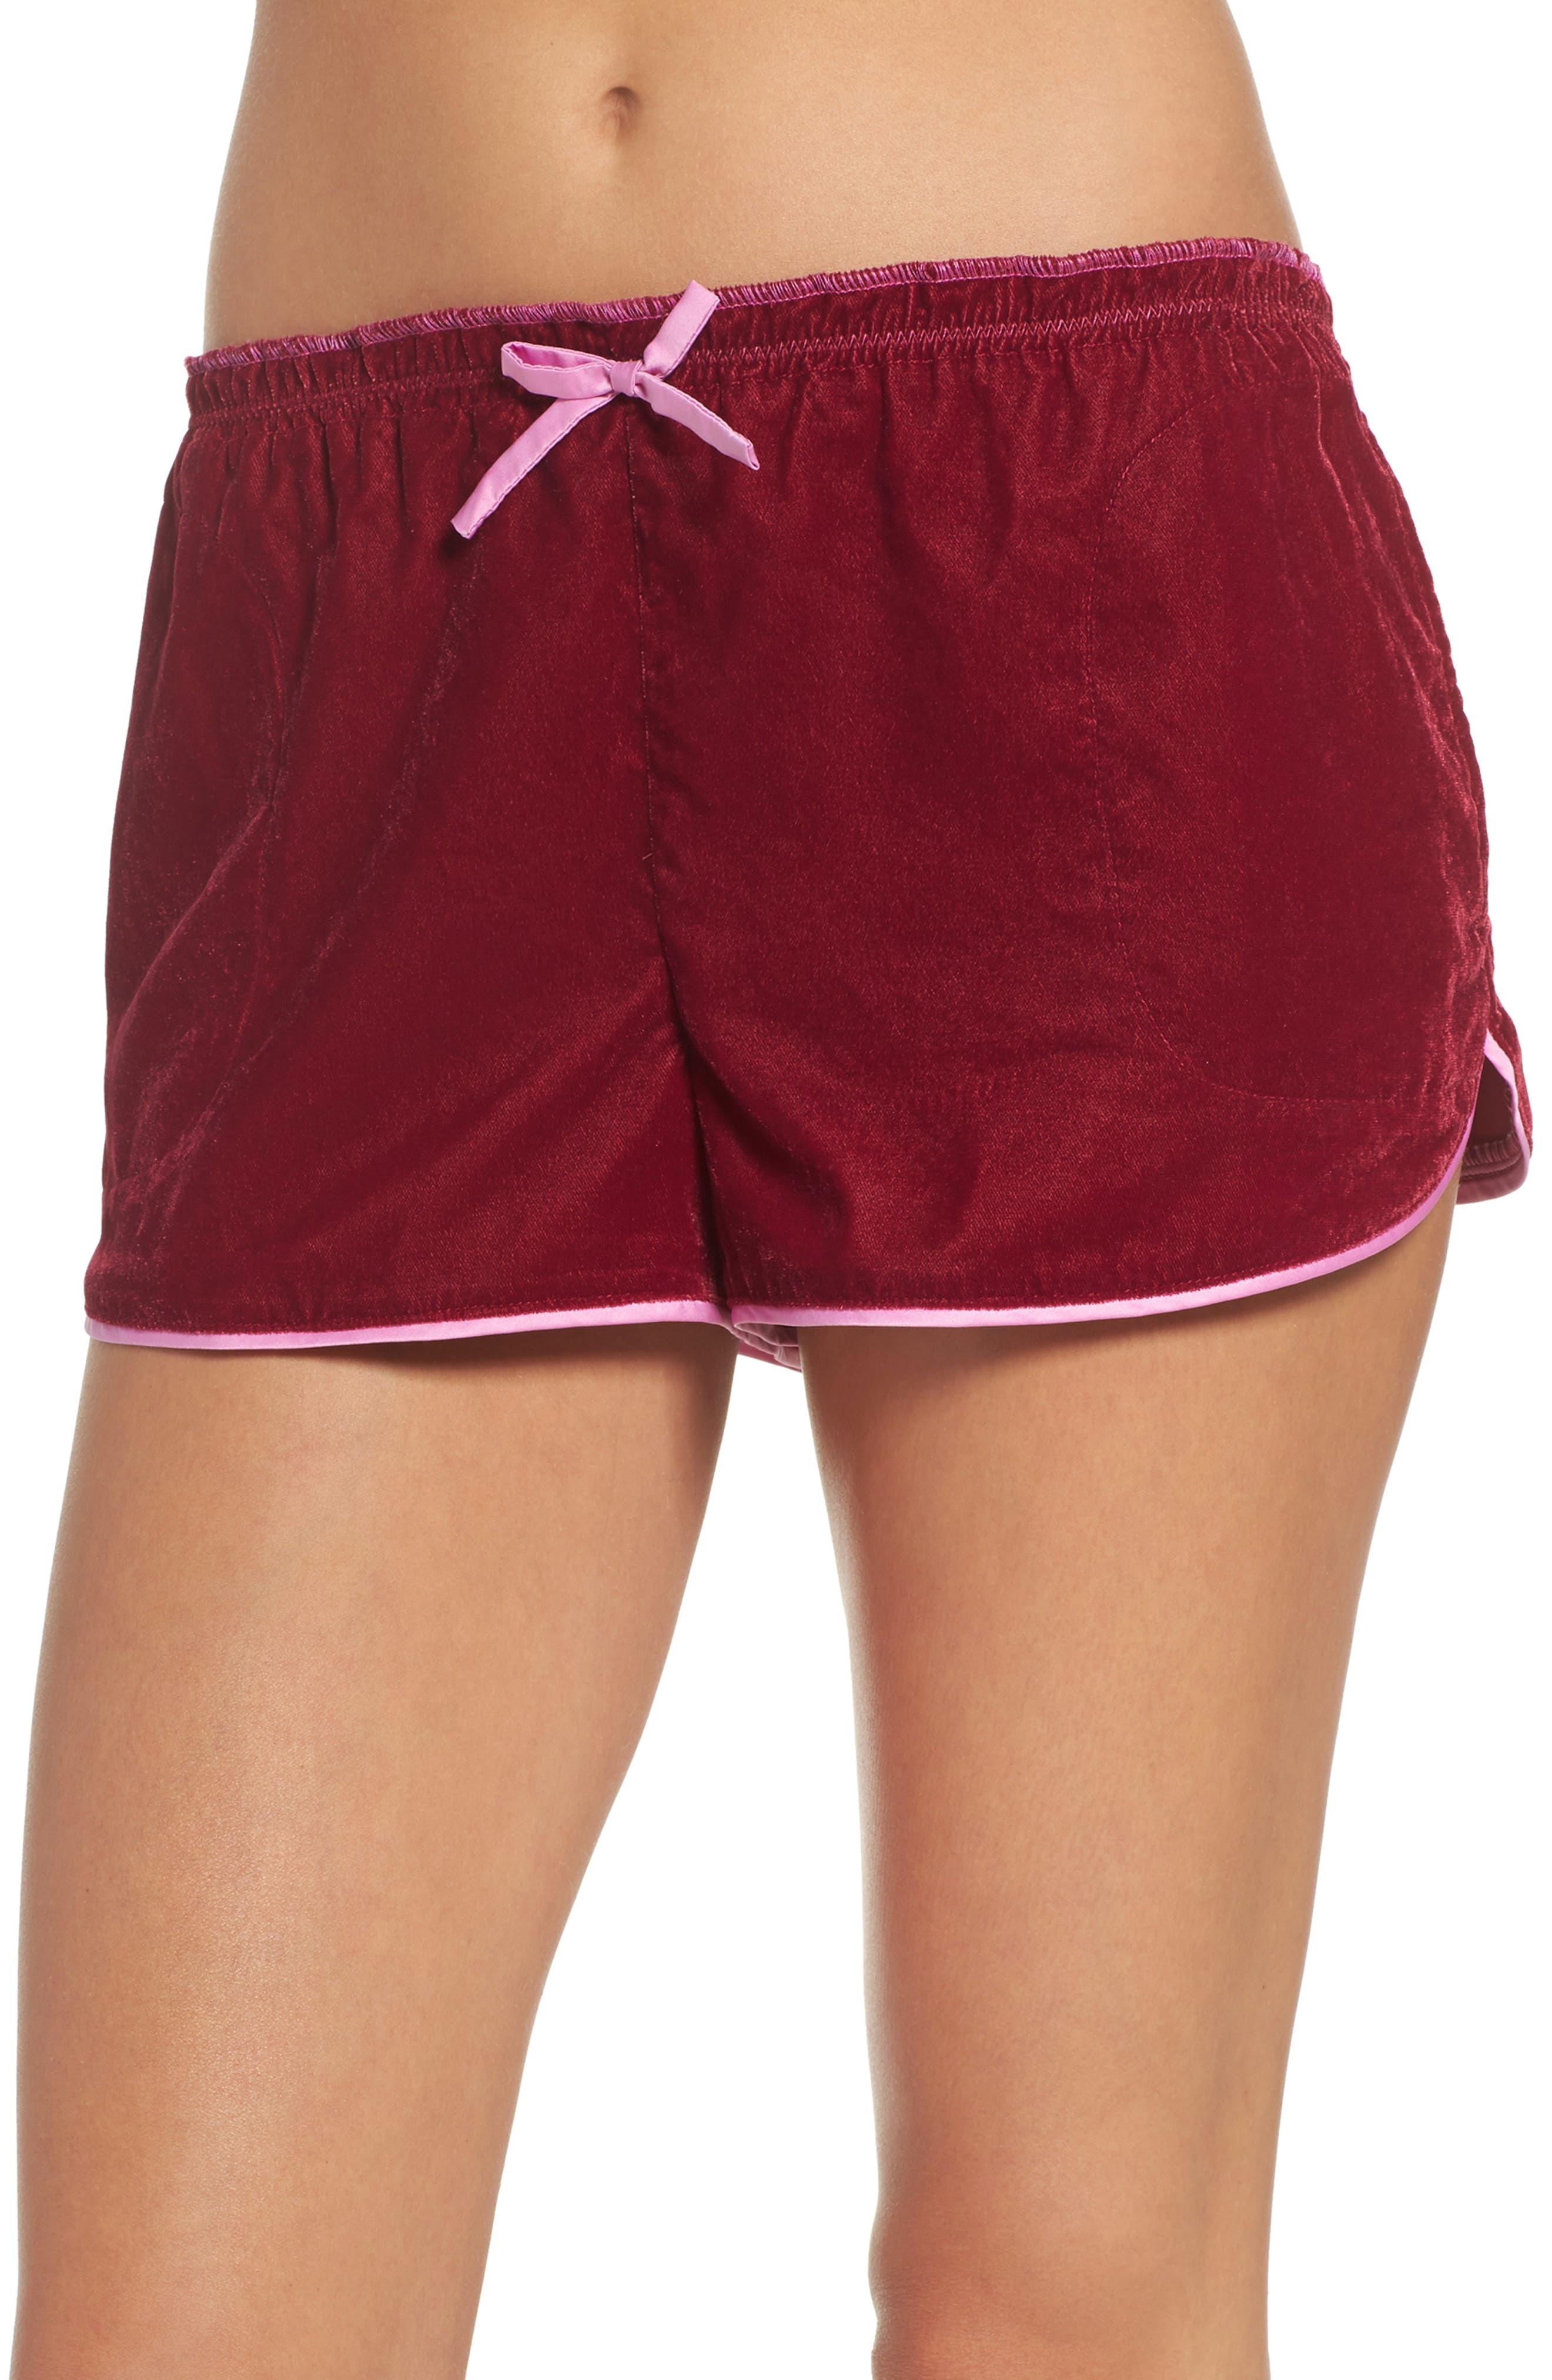 Room Service Velvet Boxer Shorts